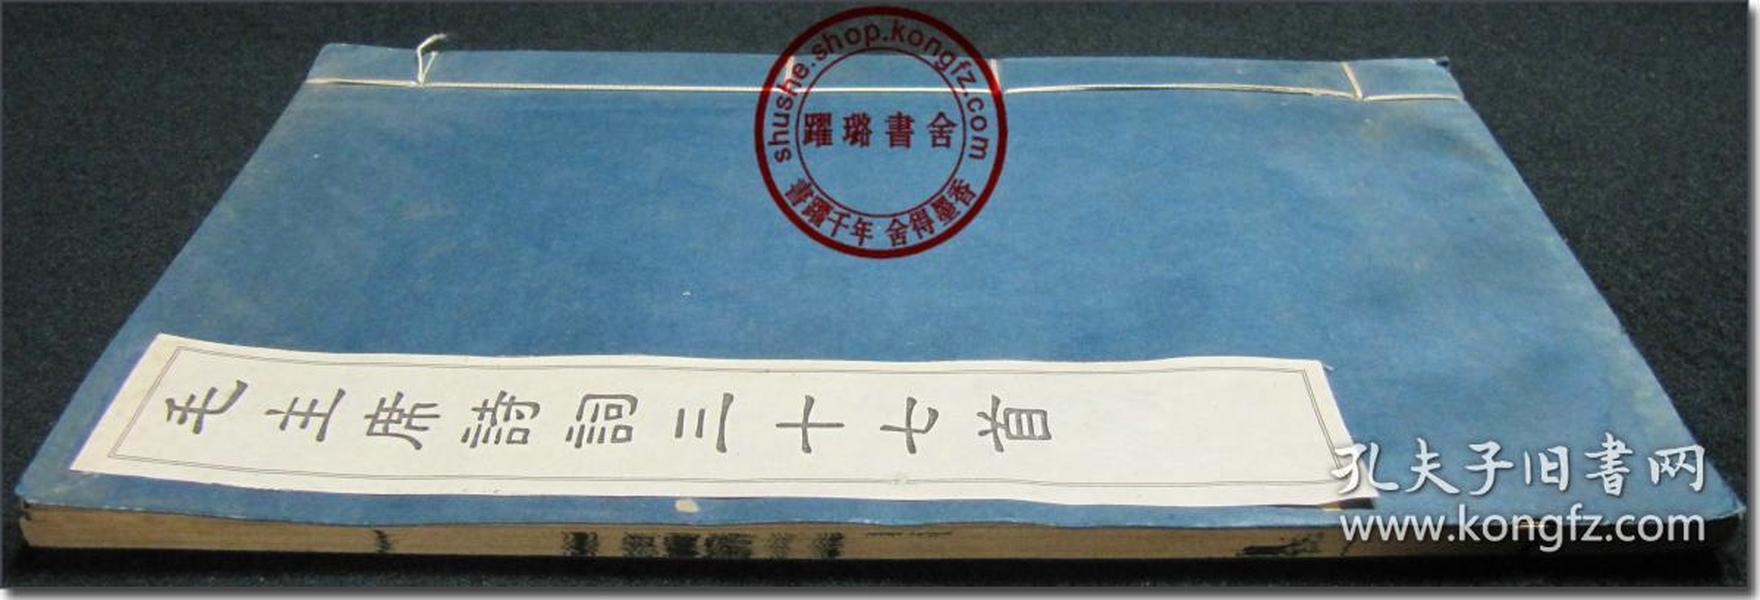 《毛主席诗词三十七首》,文物出版社出版,1963年12月第1版第1次印刷,16开本,尺寸规格(长×宽×厚):24.8厘米×14.6厘米×0.7厘米,集宋版字体,竖行排版,米黄色宣纸印制,蓝色宣纸封皮,线装。